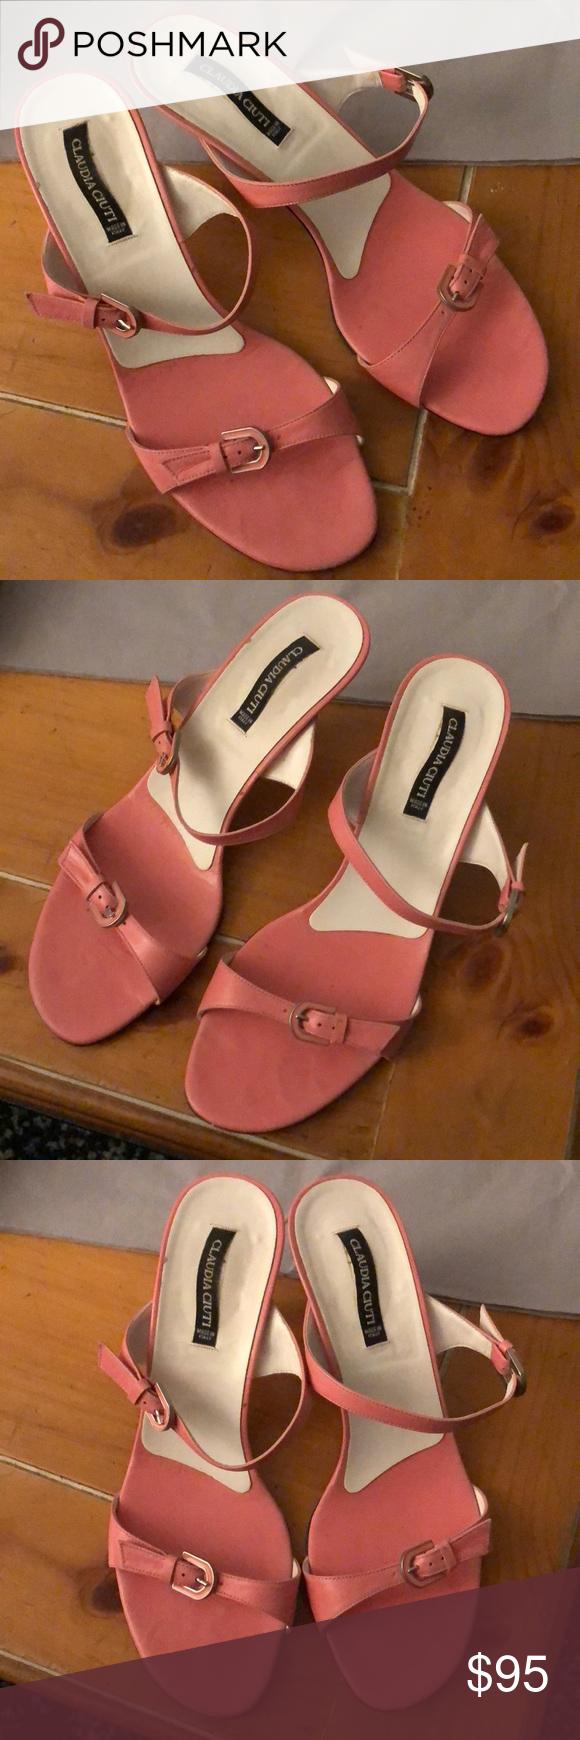 Authentic Claudia Ciuti perfect condition Sandals Very